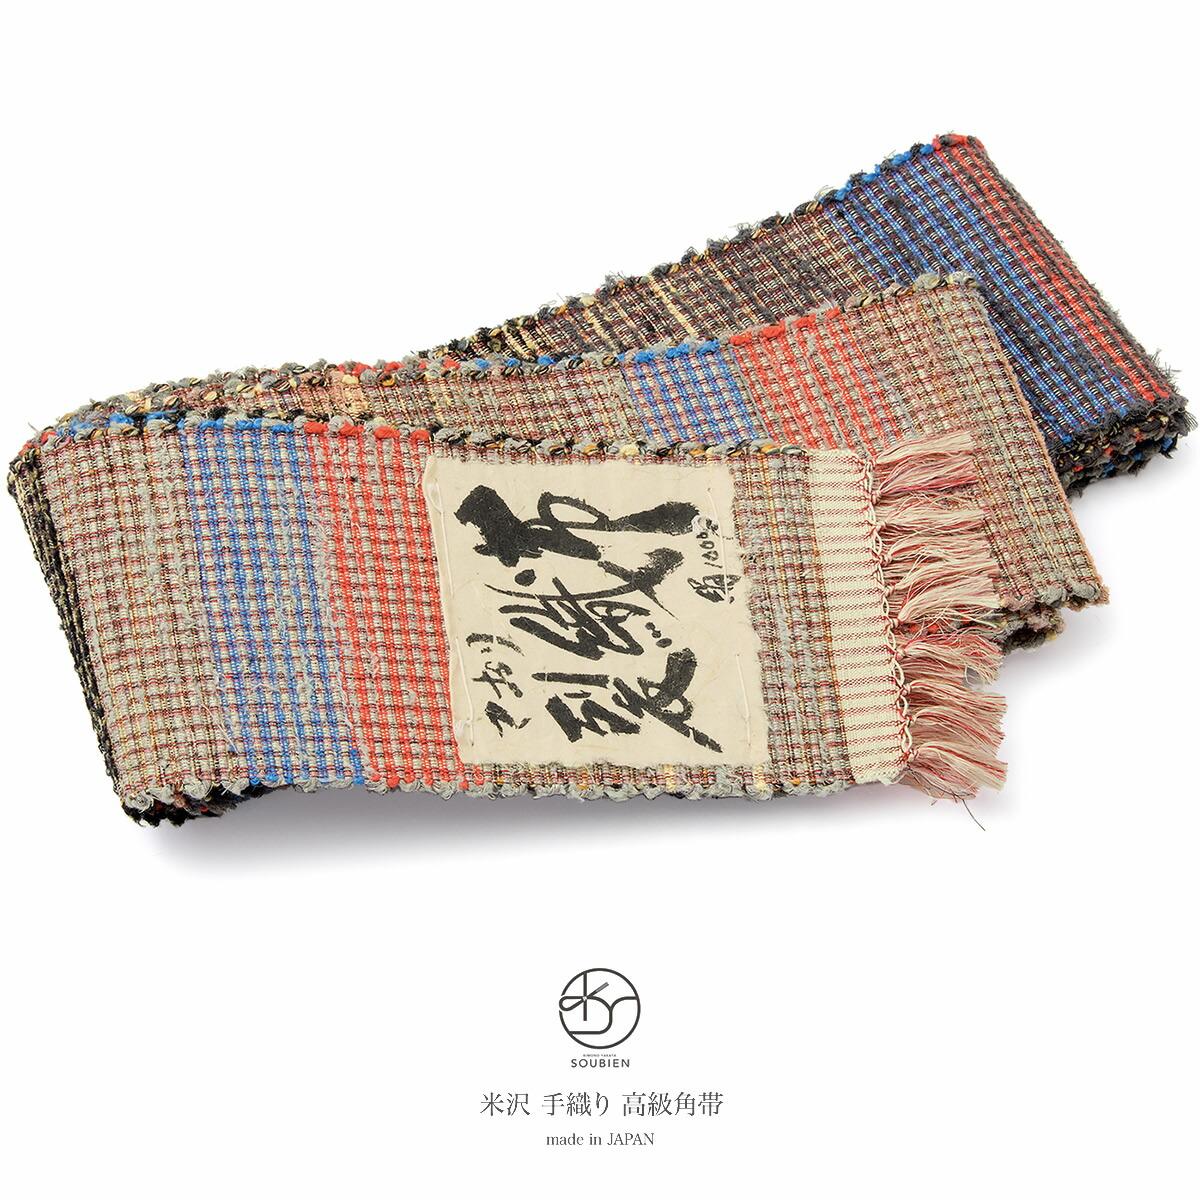 紳士用の着物におすすめな「手織り 裂織布」の角帯